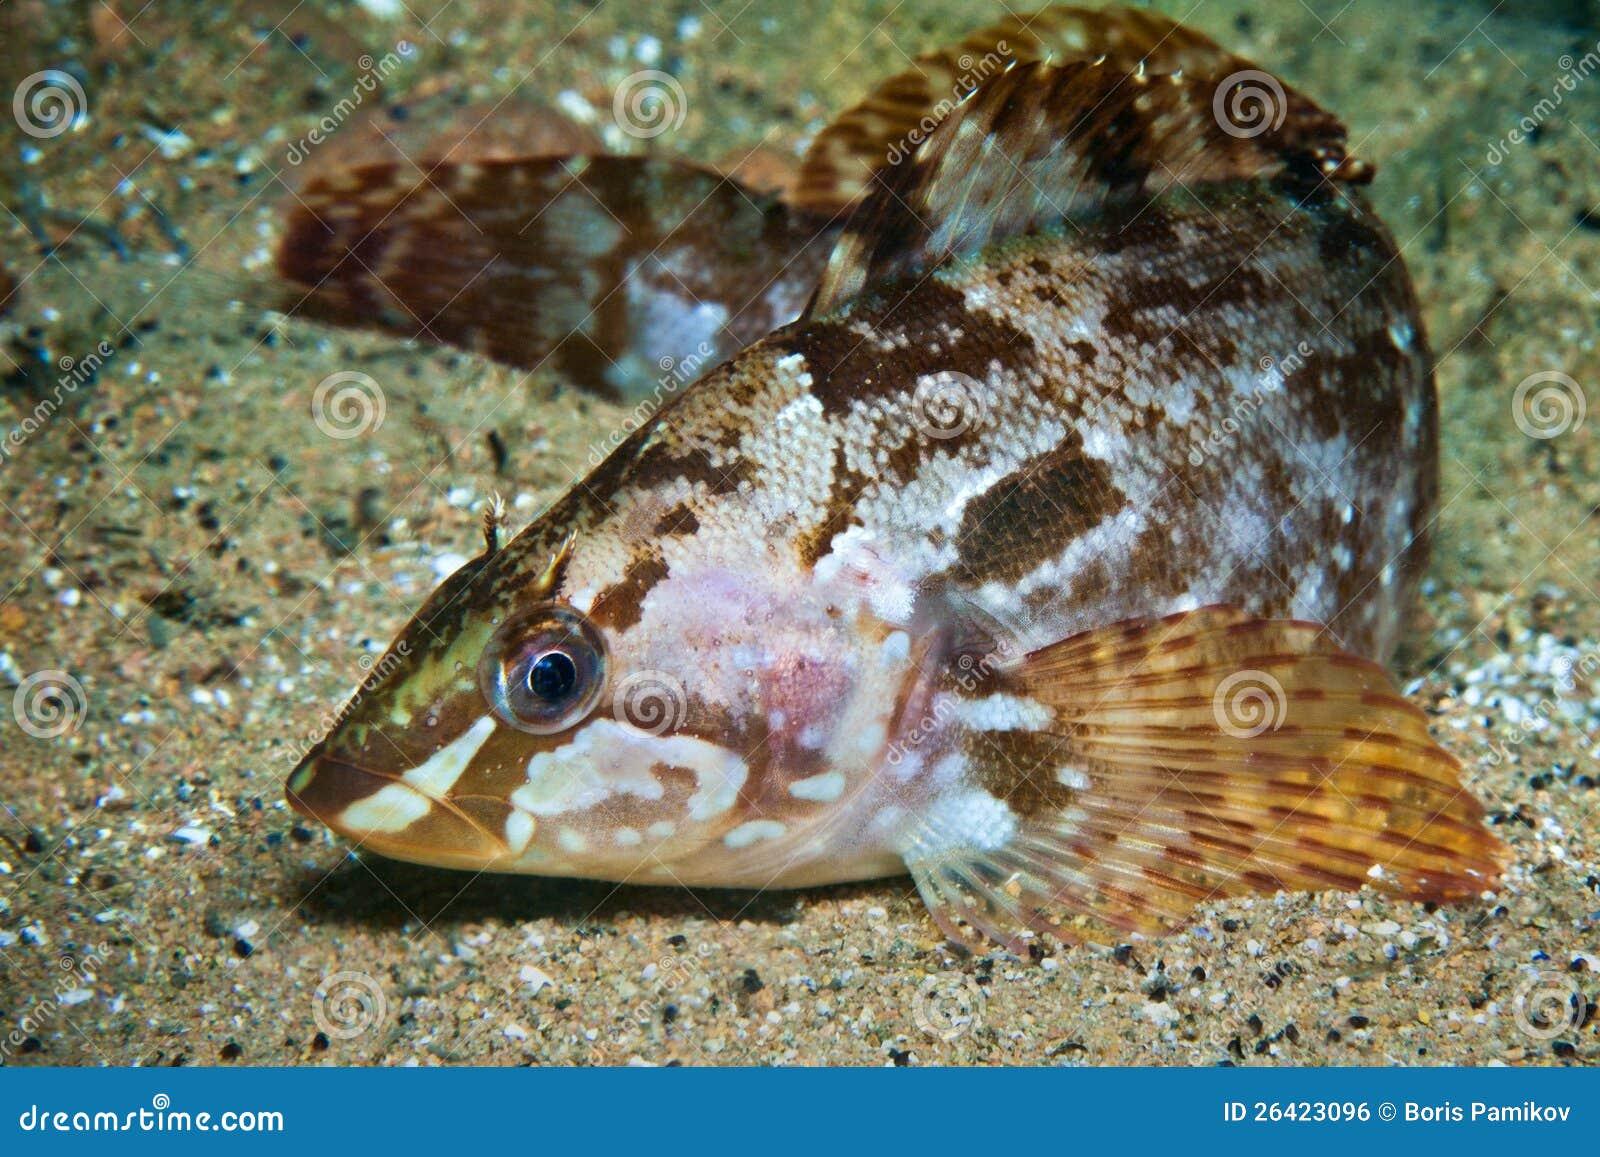 Vert-poissons de l Alaska dans l eau de la mer du Japon